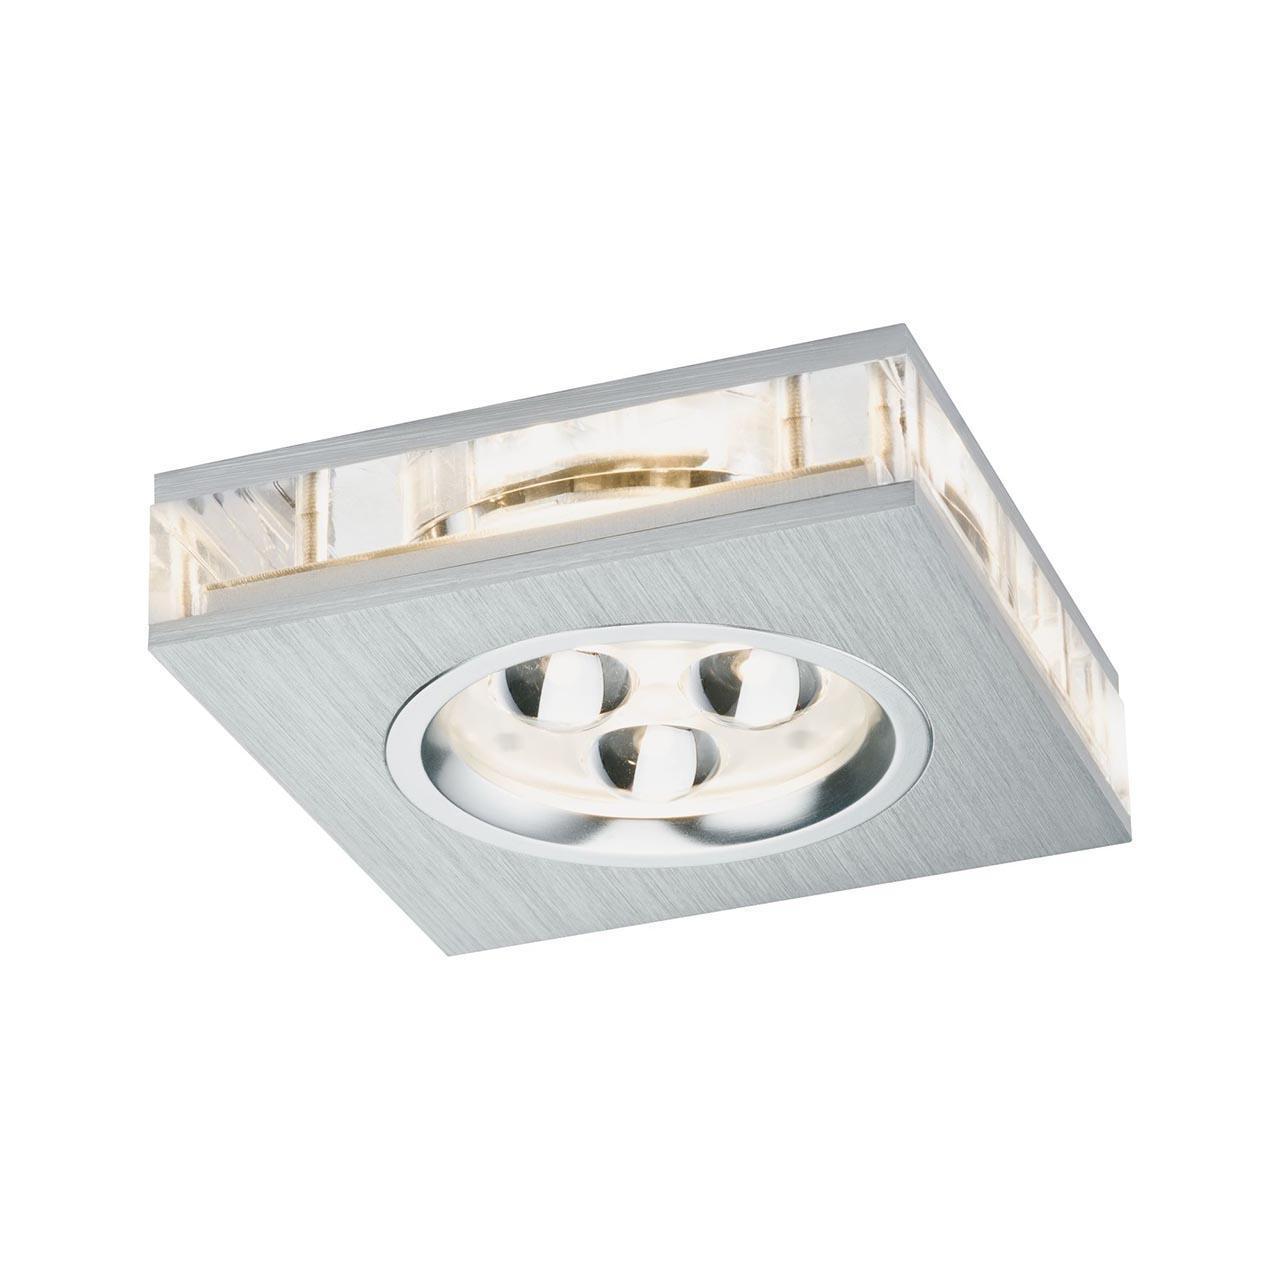 Купить Встраиваемый светодиодный светильник Premium Line Liro Led, inmyroom, Германия